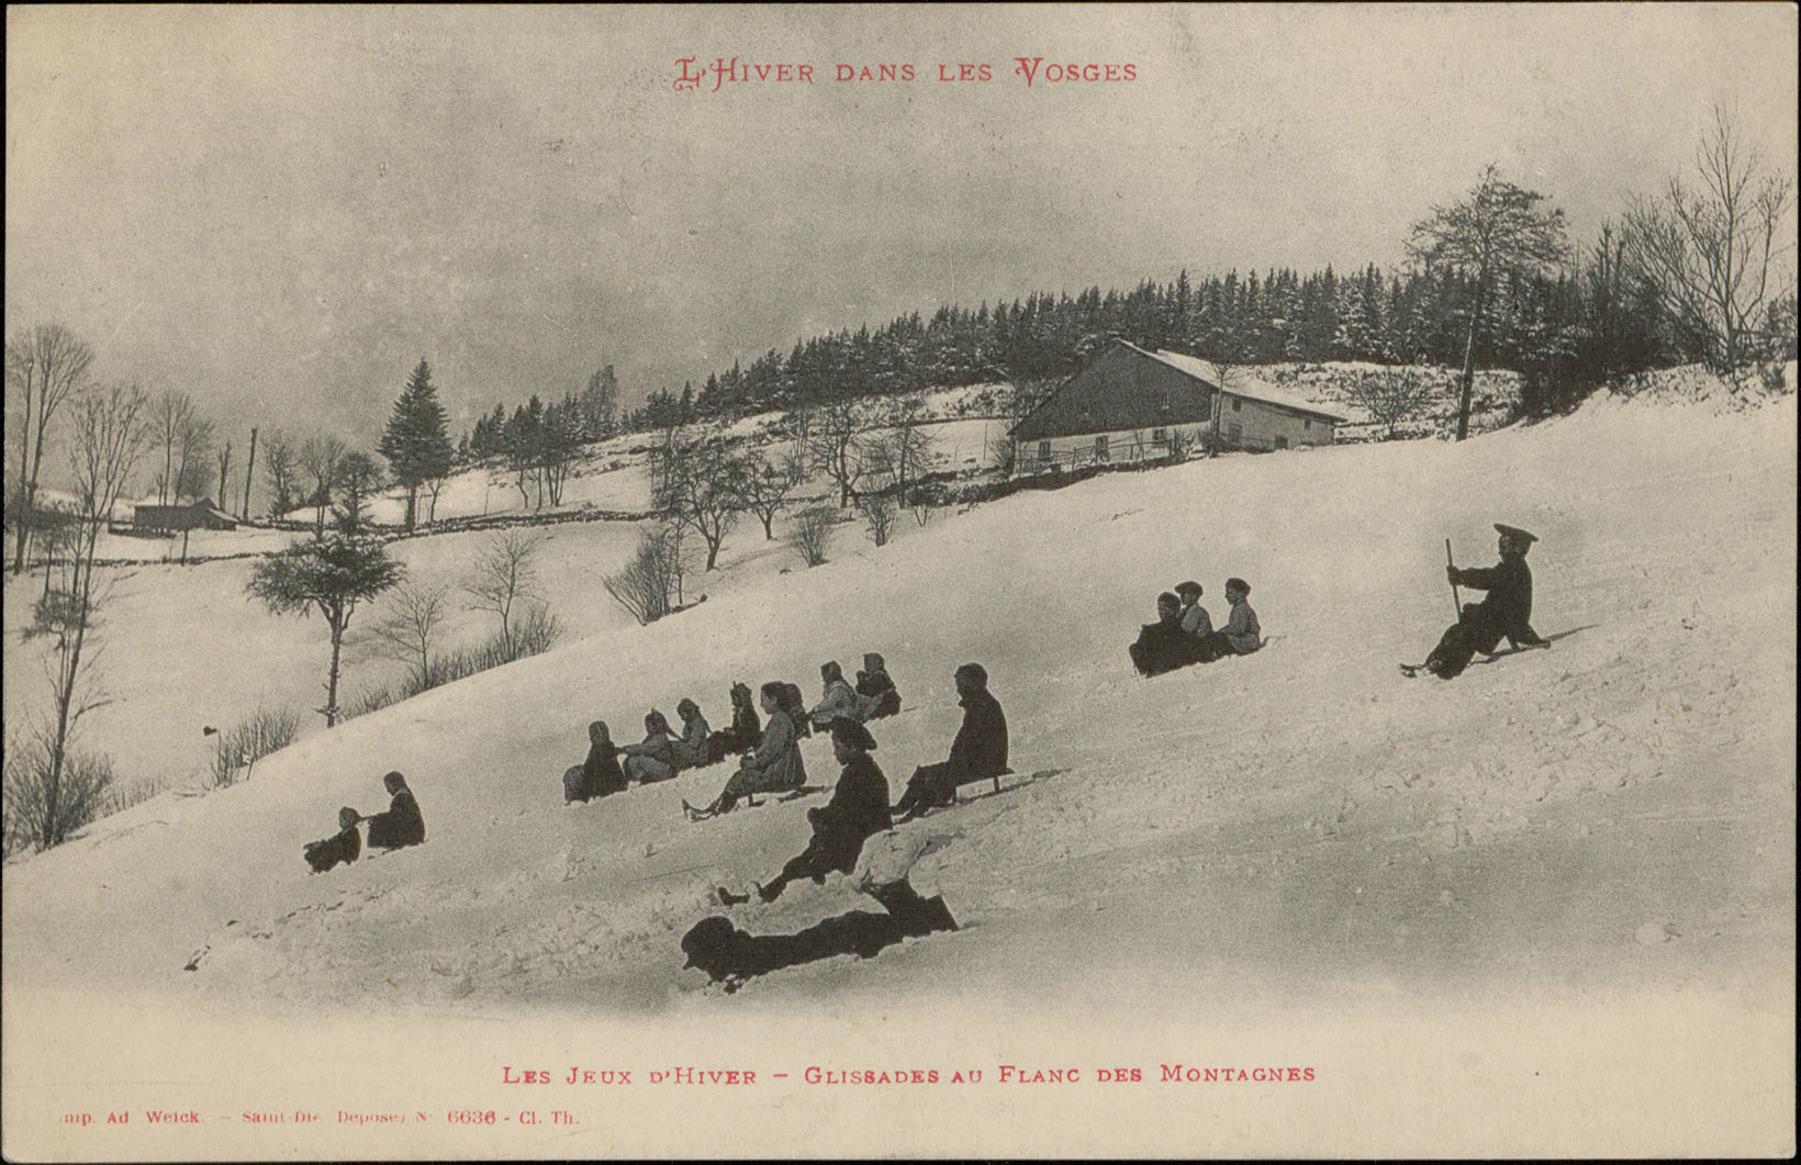 Contenu du Les Jeux d'Hiver, Glissades au flanc des montagnes